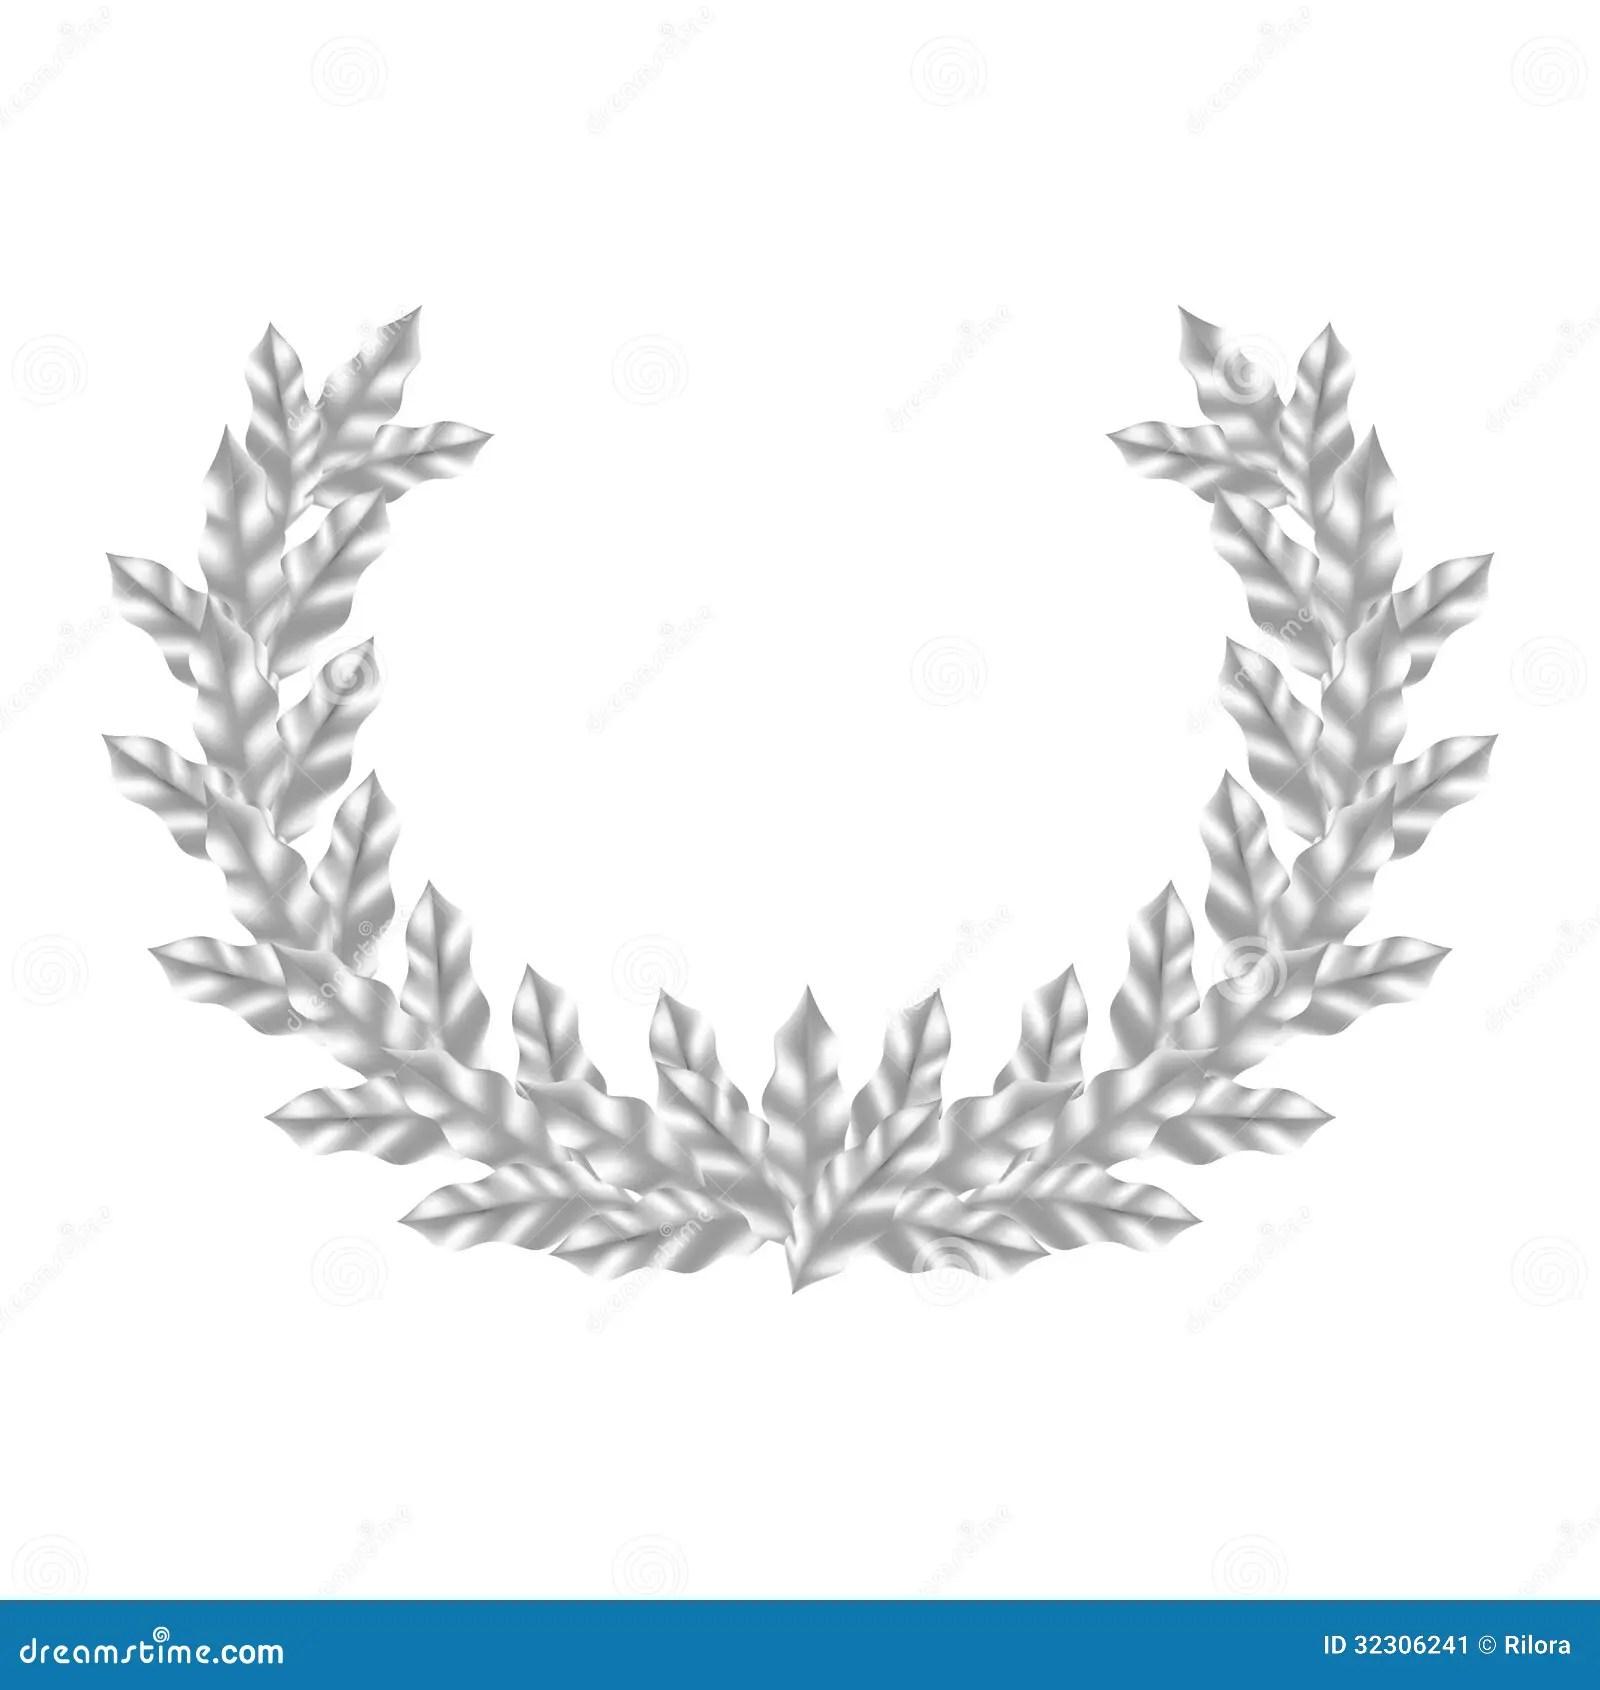 Realistischer Silberner Laurel Wreath Vektor Abbildung